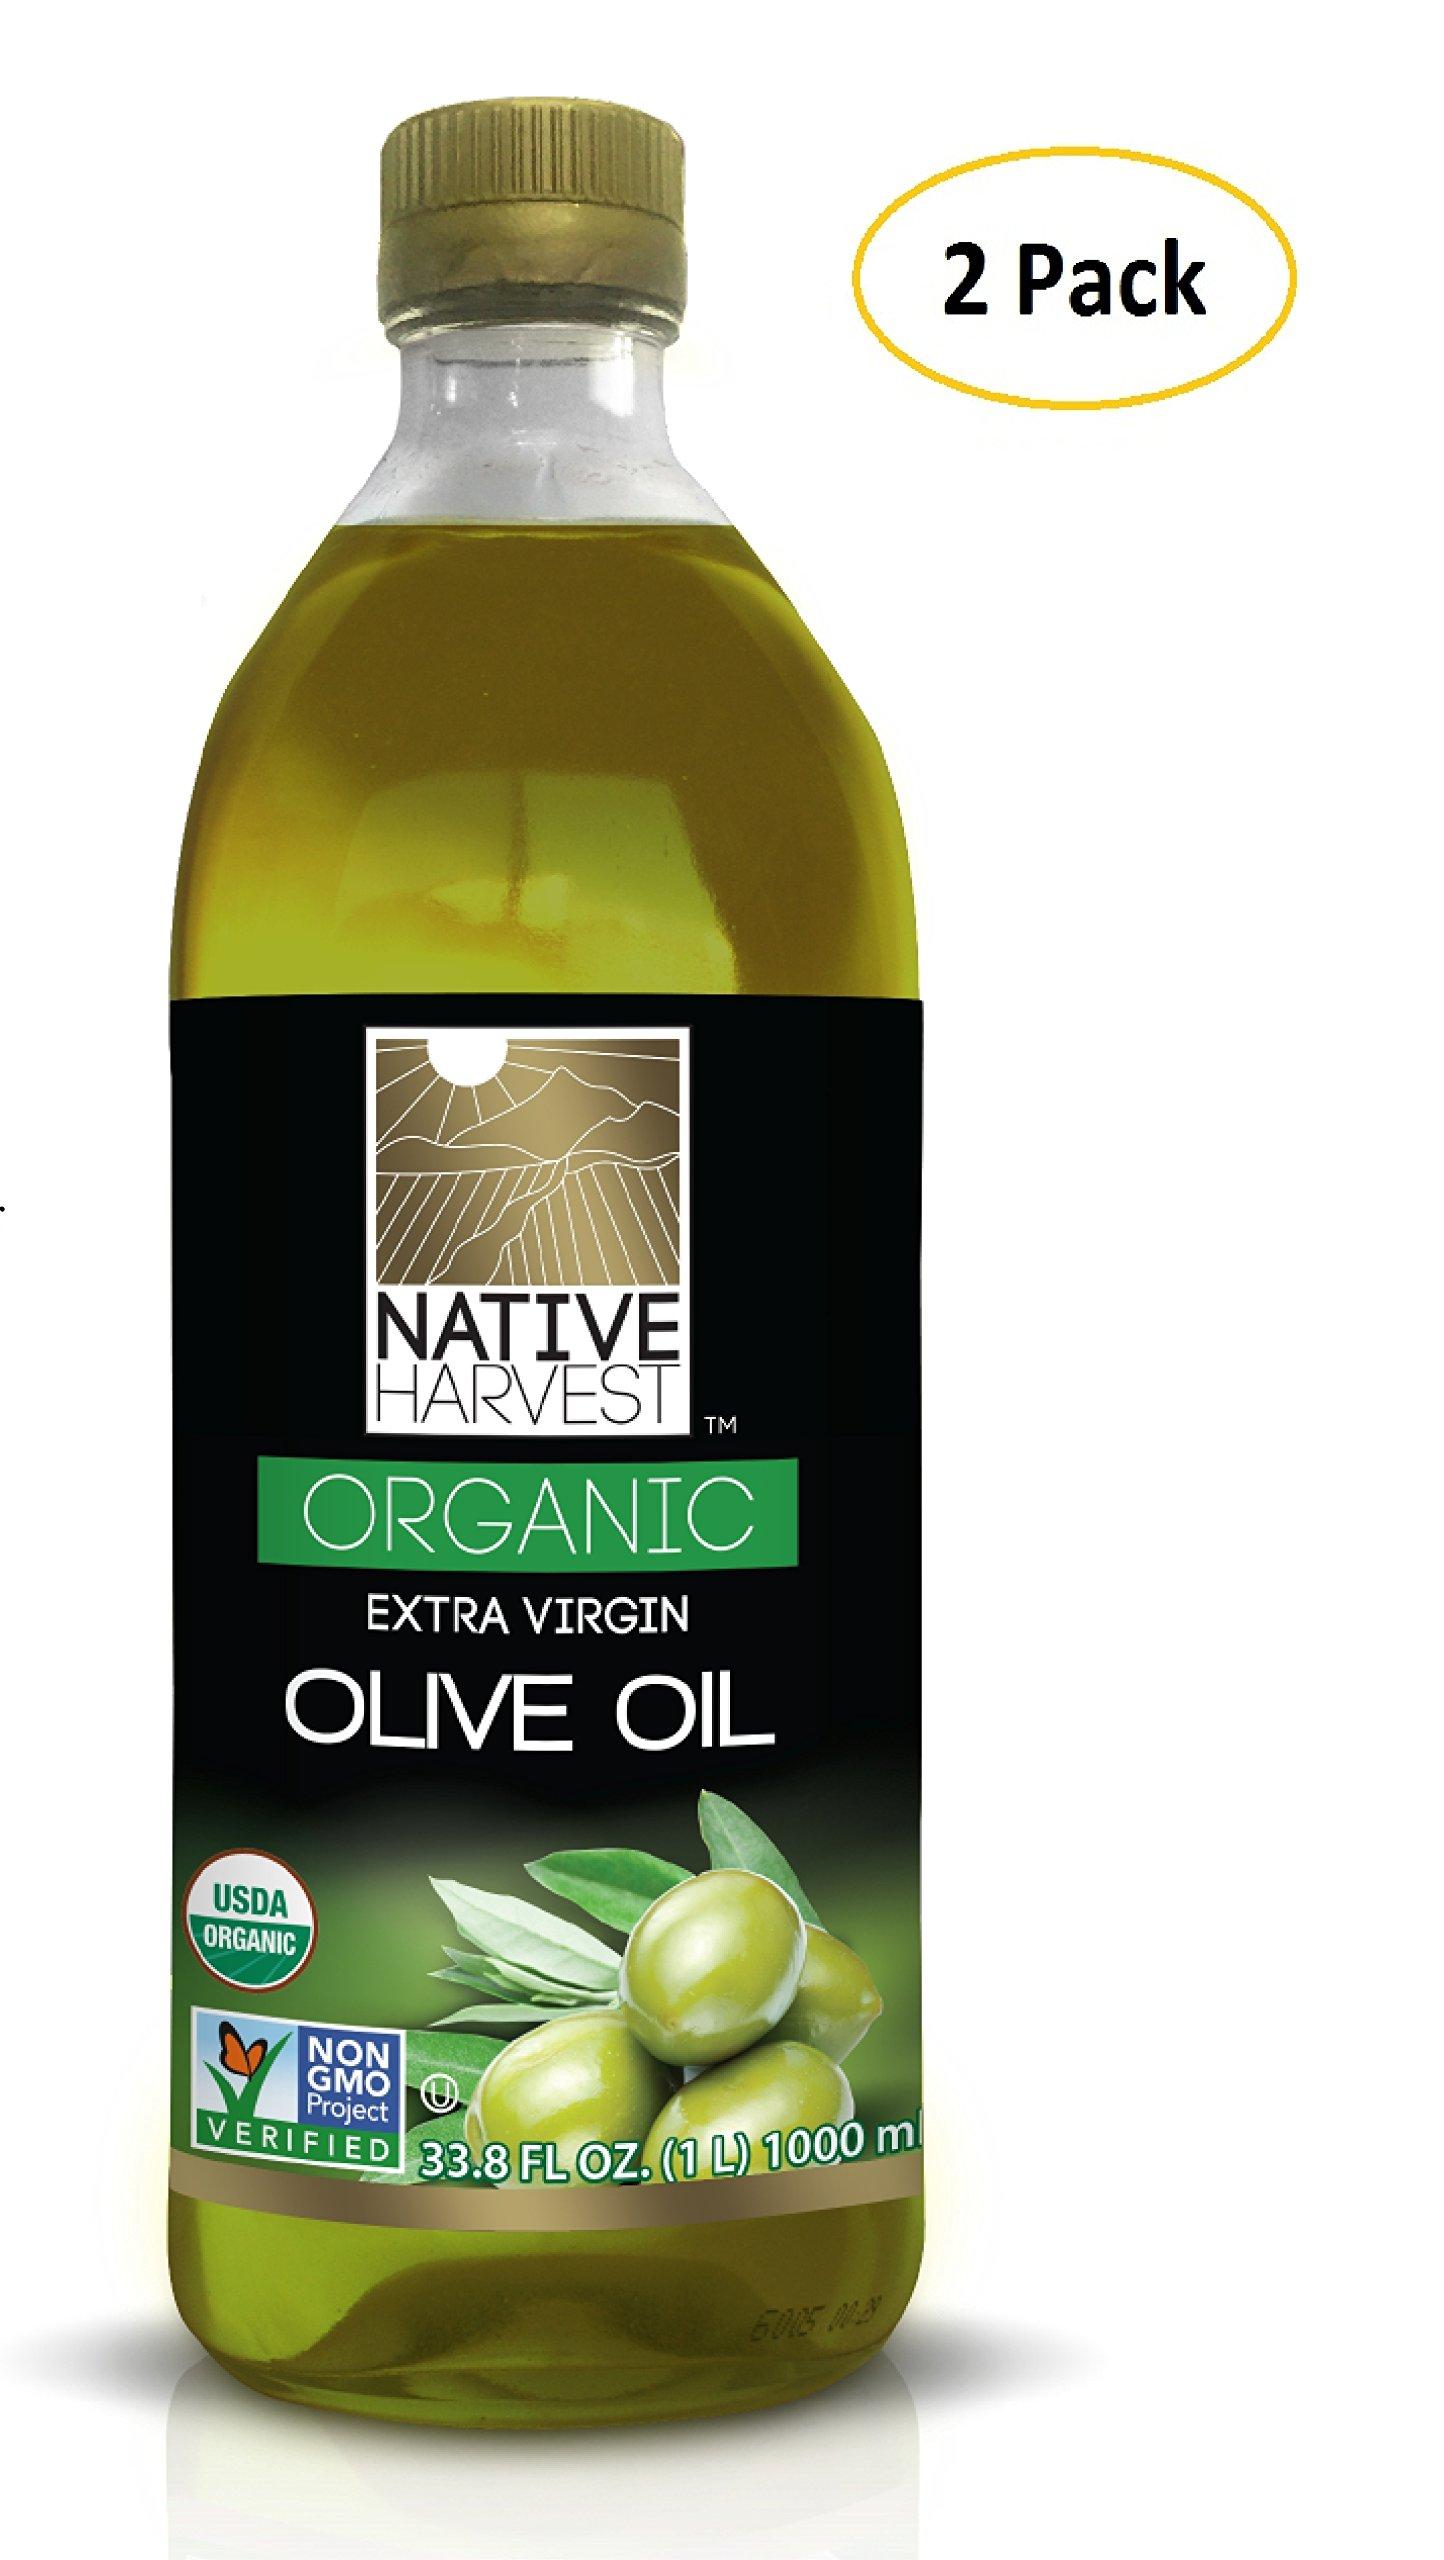 Native Harvest Organic Non-GMO Naturally Expeller Pressed Sunflower Oil, 1 Litre (33.8 FL OZ) 2 Packs